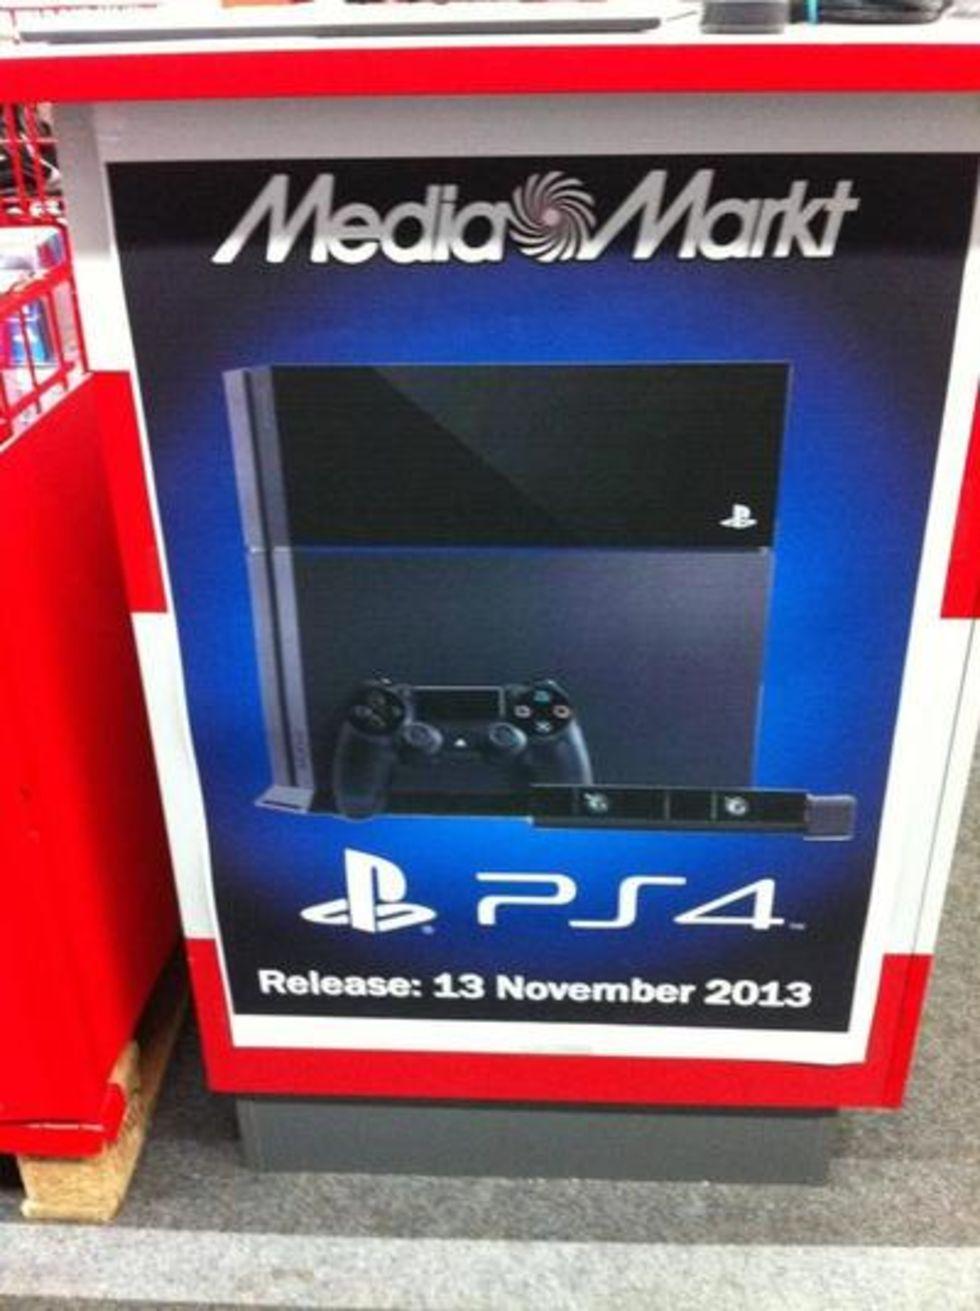 Släpps PlayStation 4 den 13:e november?